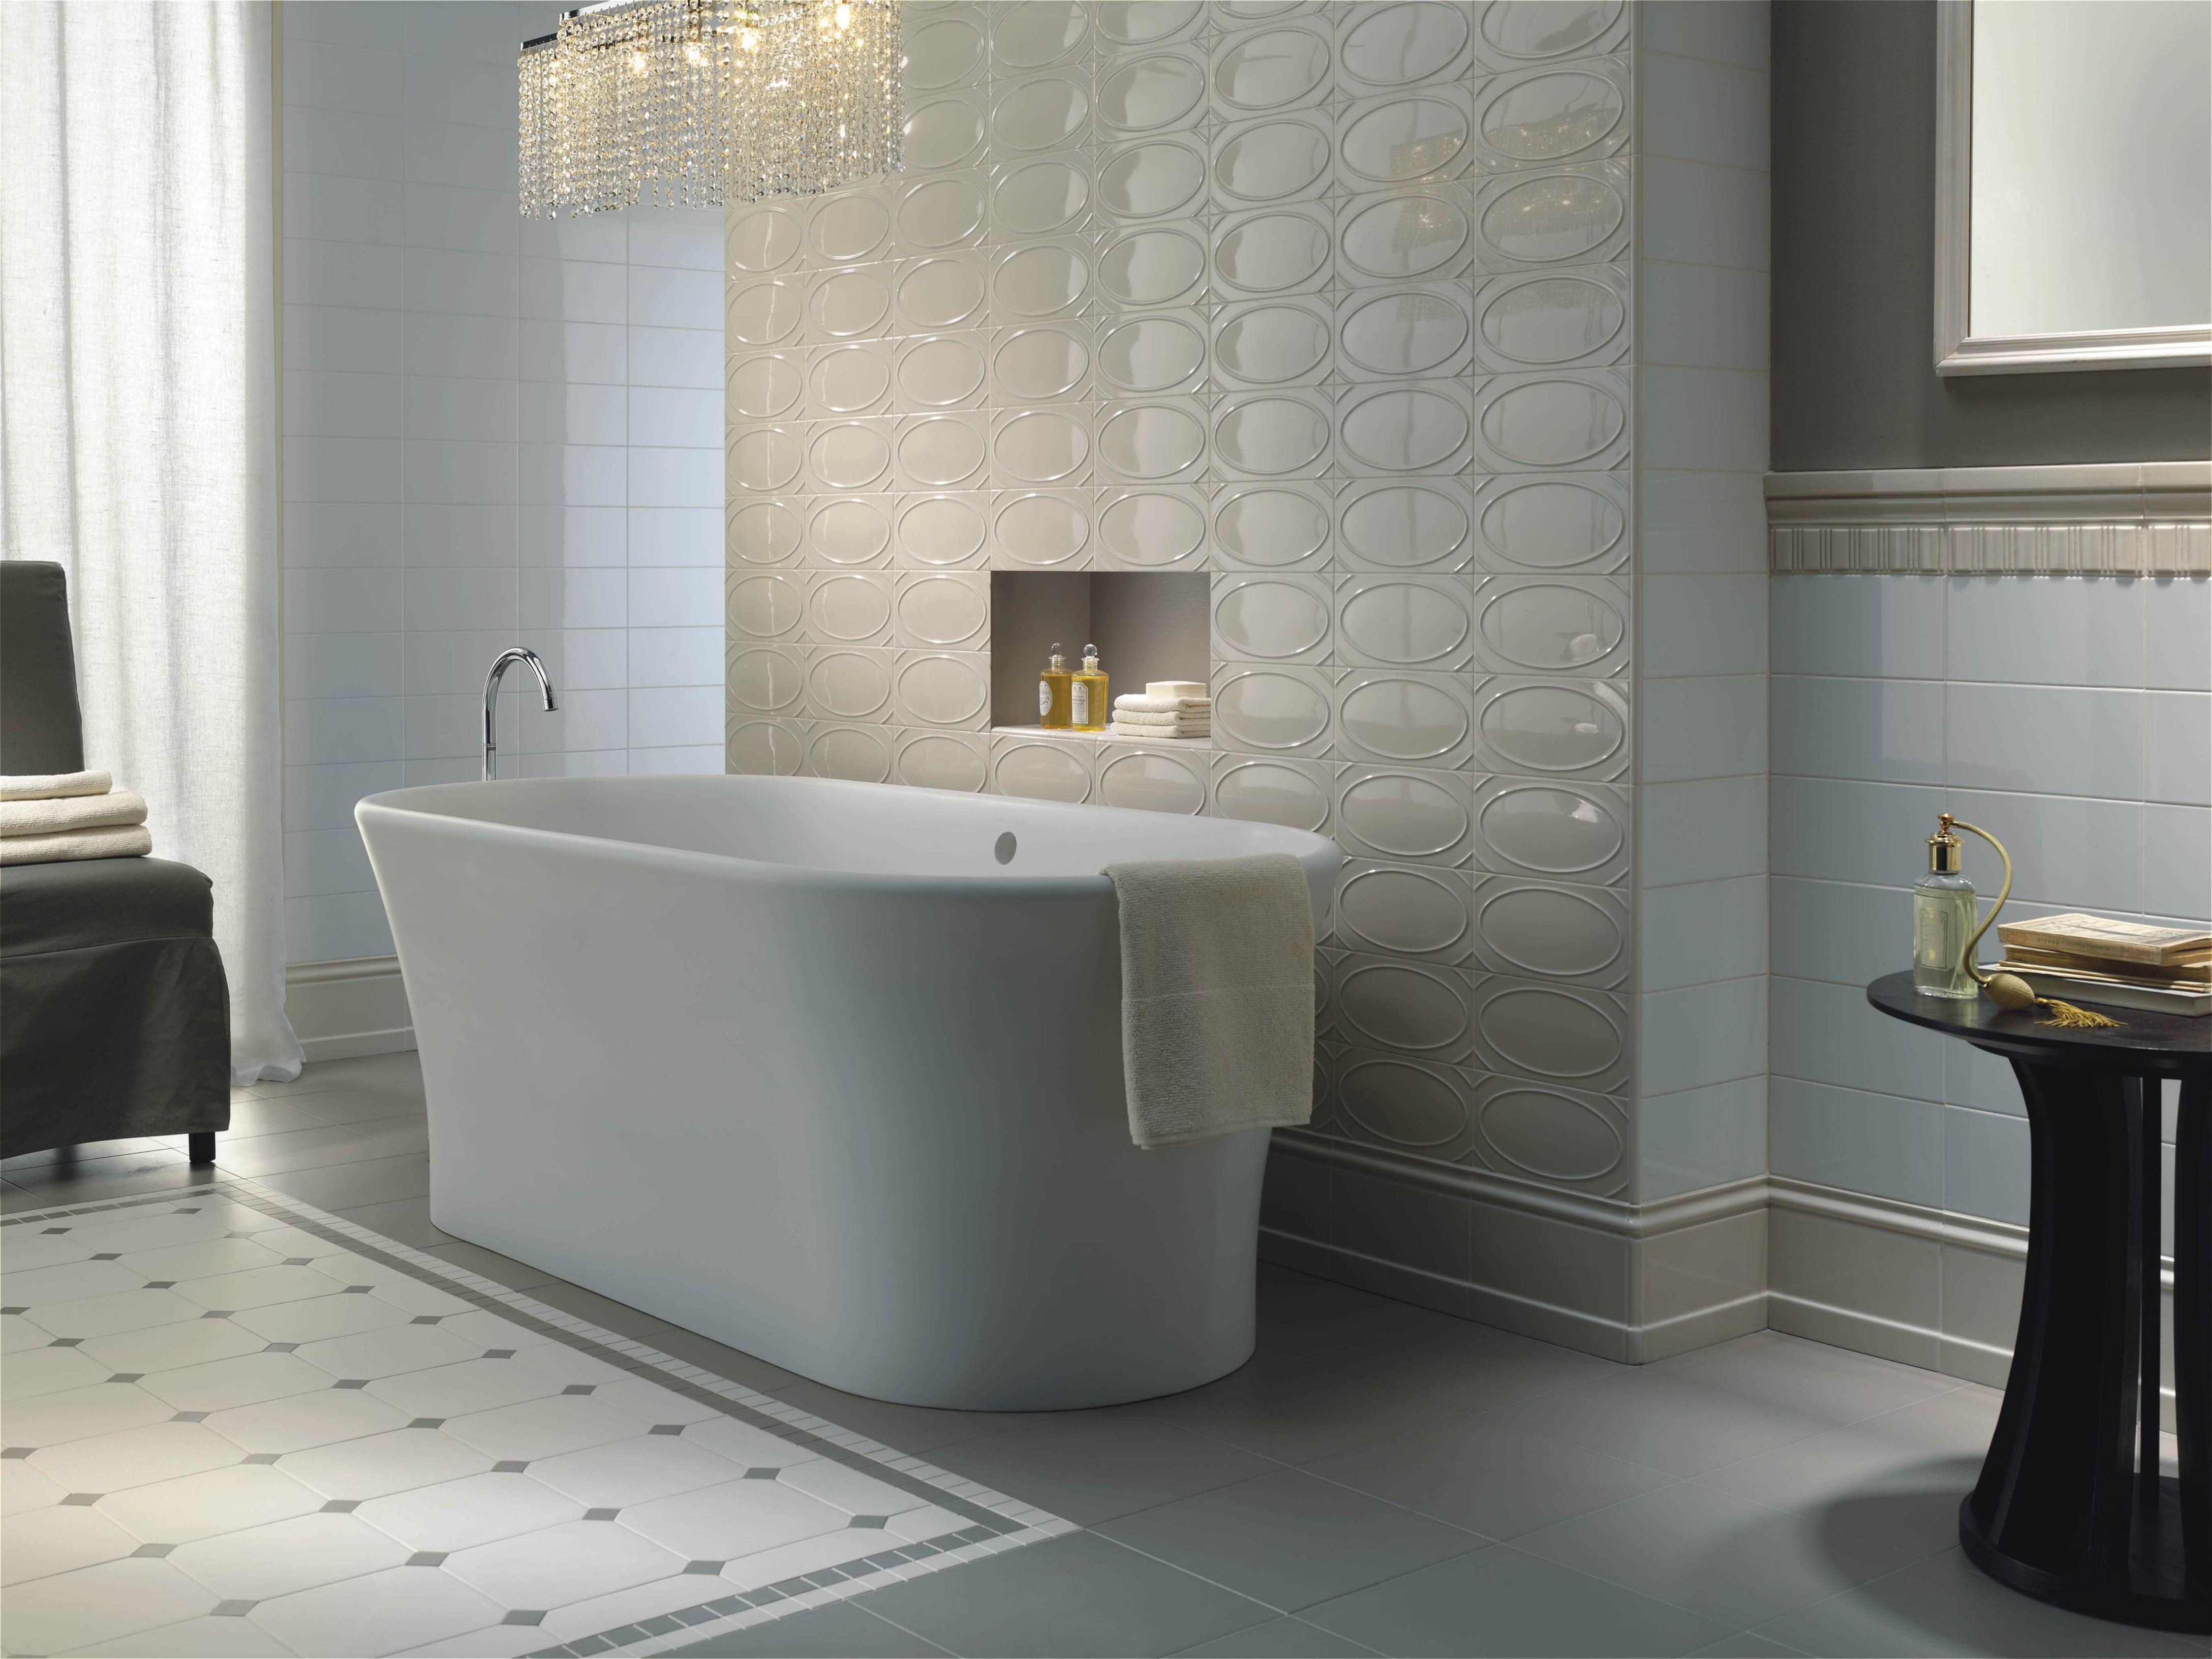 promoceram notre gamme de carrelage. Black Bedroom Furniture Sets. Home Design Ideas